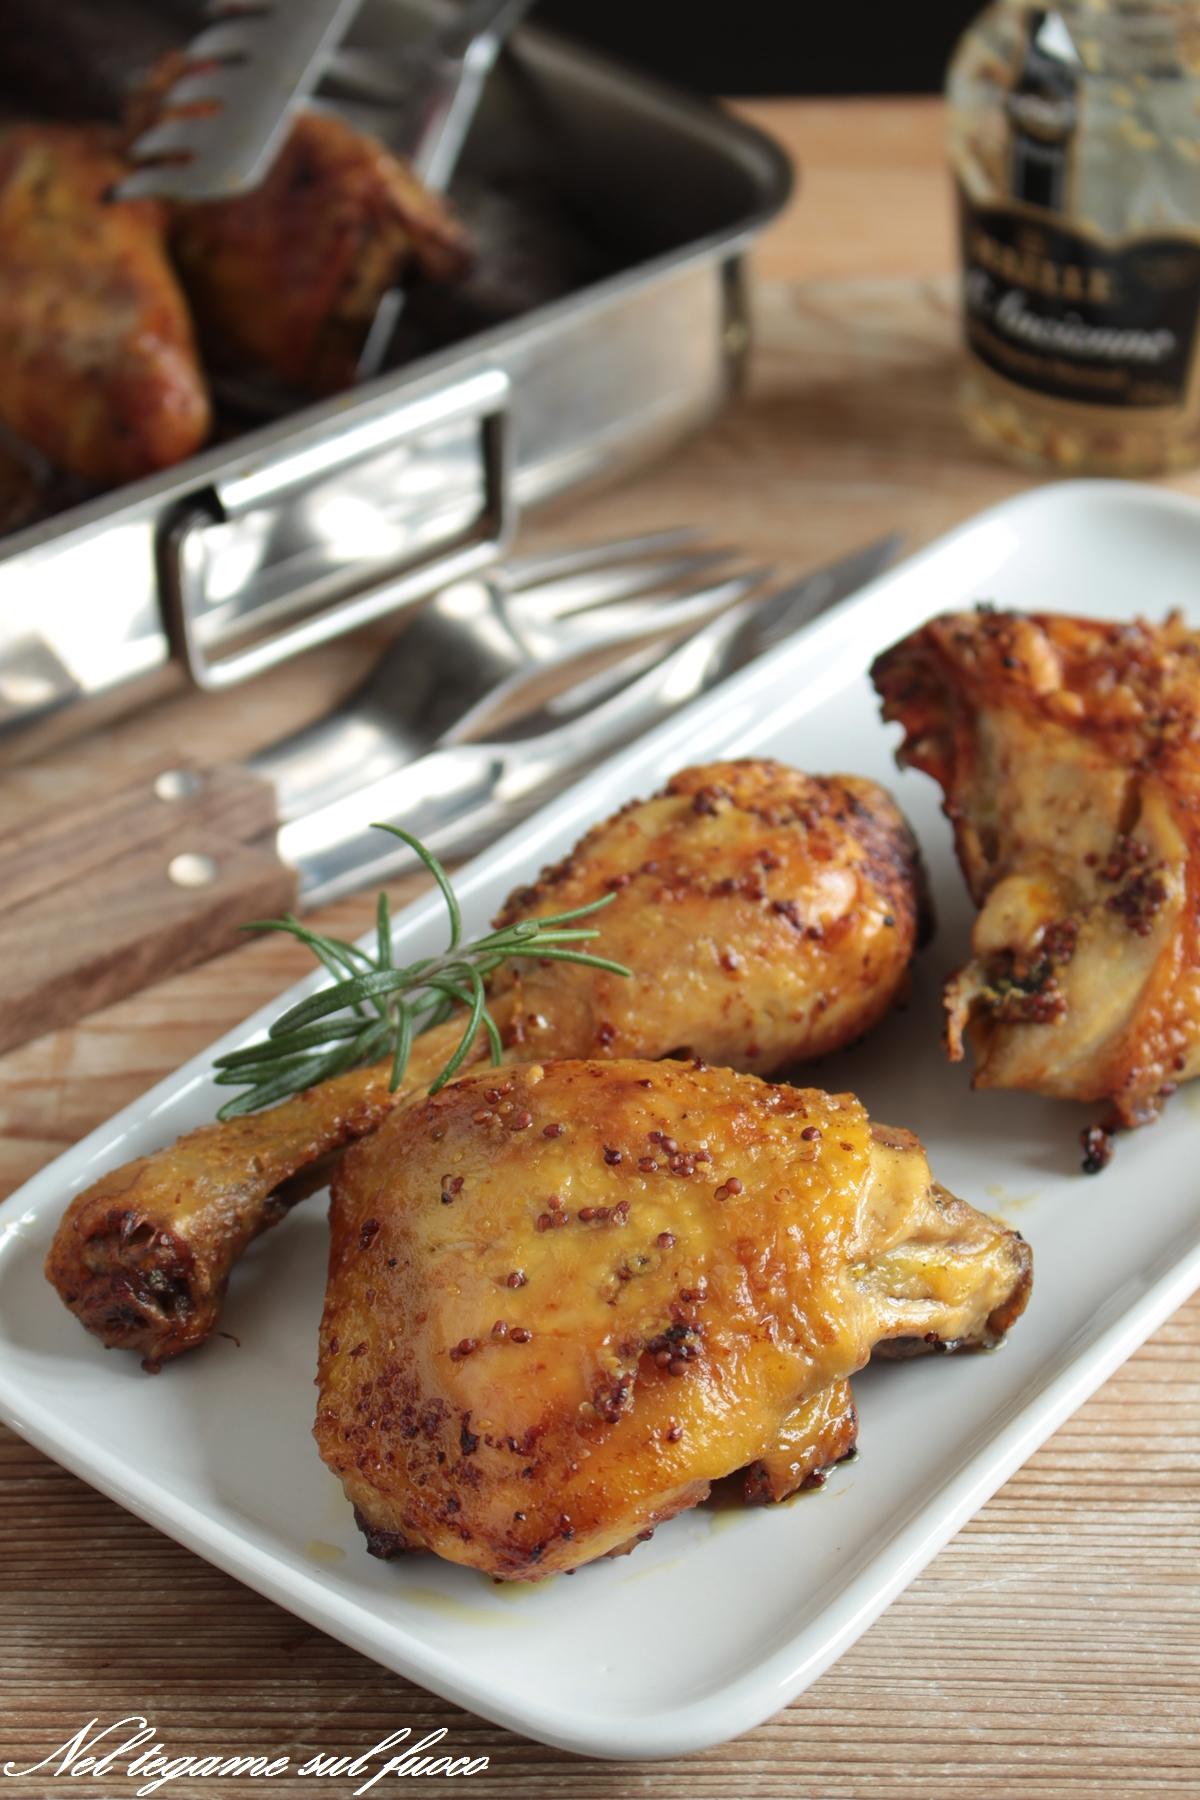 pollo+senape+fiammeggiato+brandy+al forno+